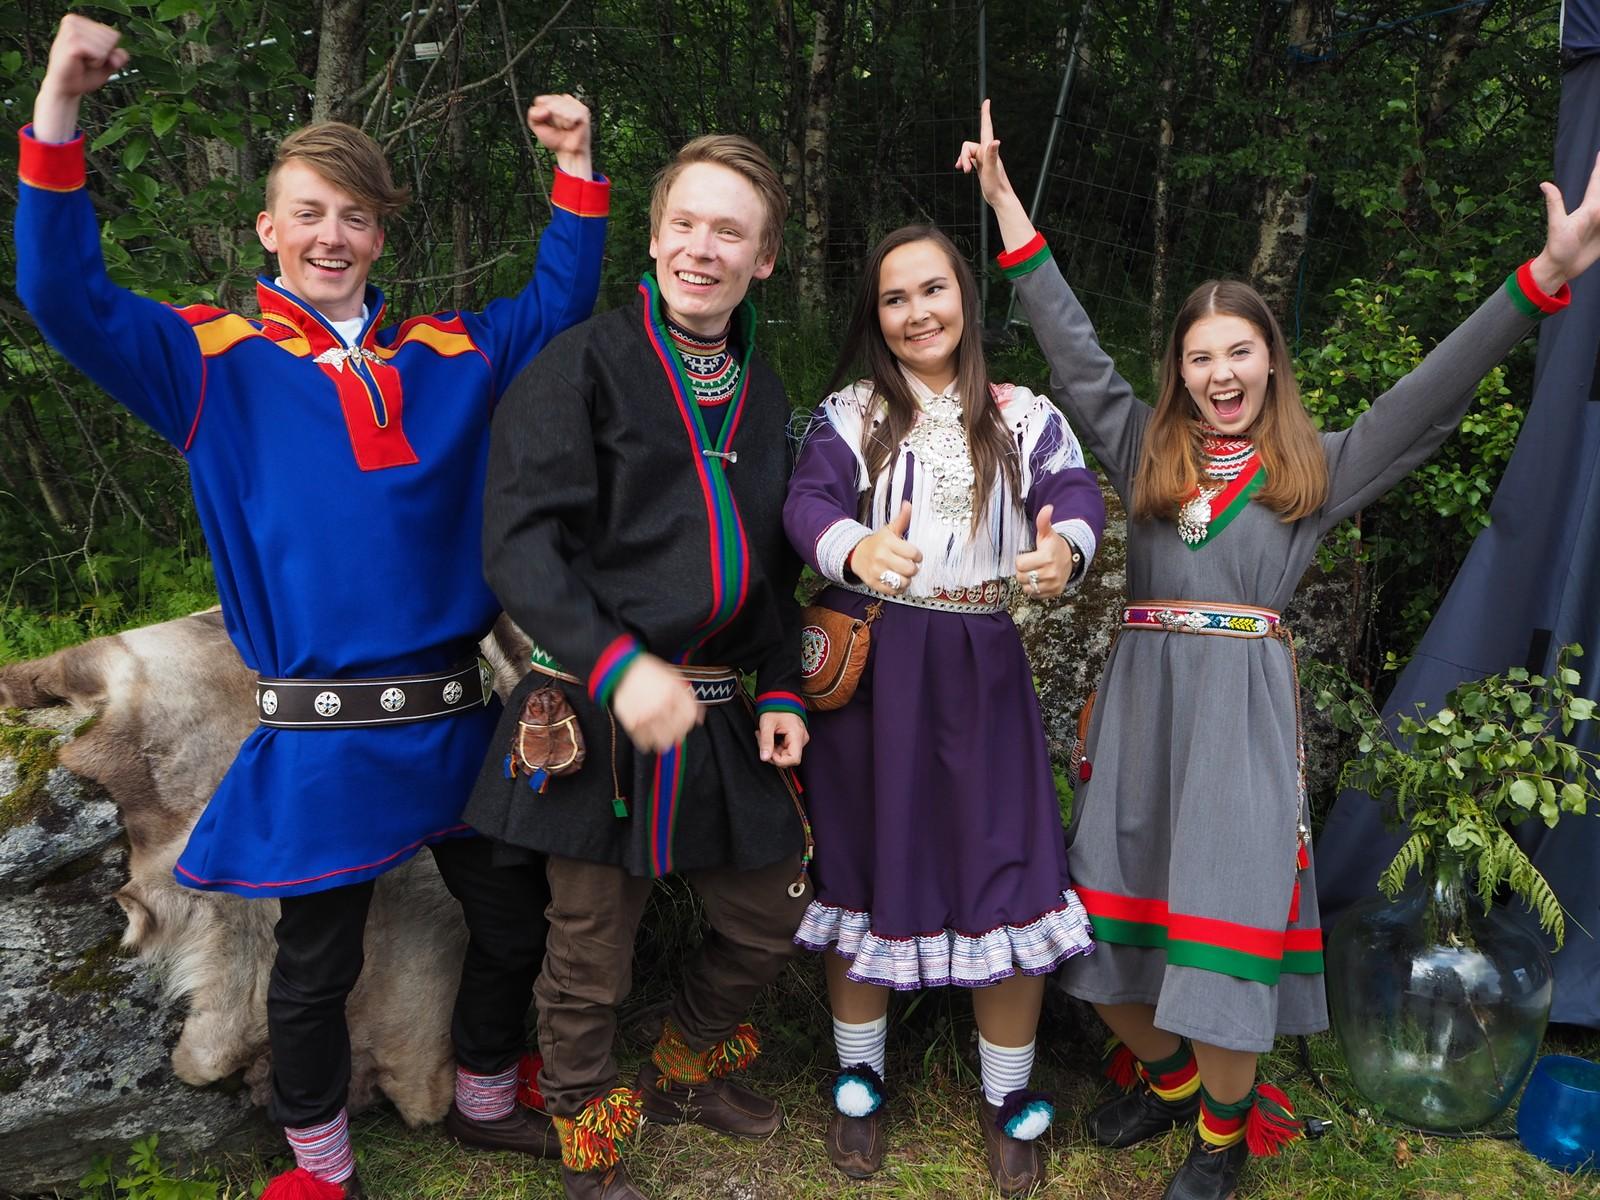 De nye veiviserne ble offentliggjort på Márkomeannu. Fra venstre: Leif Henrik Halvari, Dan-Jonas Danielsen Sparrok, Maren Benedicte Storslett og Anne-Marja Jannok Joma.